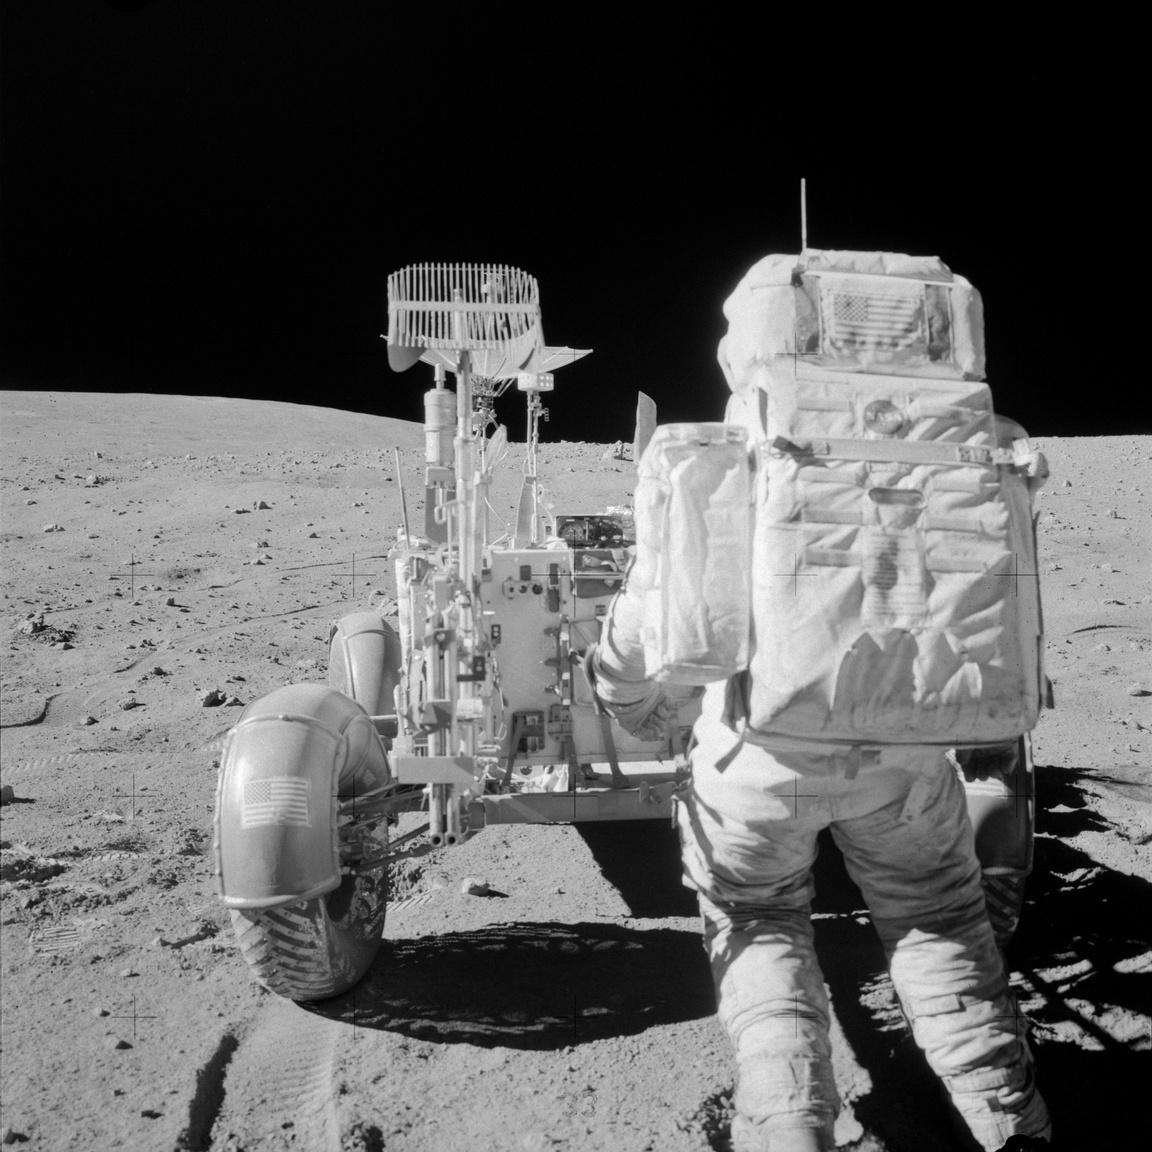 John W. Young éppen eszközöket pakol a holdjáró kéziszerszámtartójába az Apollo-16 misszió második űrsétáján. Eredetileg az Apollo-16-on akarták volna először használni a holdjárót, de a program újratervezése végett az Apollo-15 asztronautái autóztak először az űrben. Az Apollo-16 holdjárójával gondok voltak, az összehajtogatott kerekek nem álltak automatikusan pozícióba és a hátsó kerekek kormányzása sem akart működni.